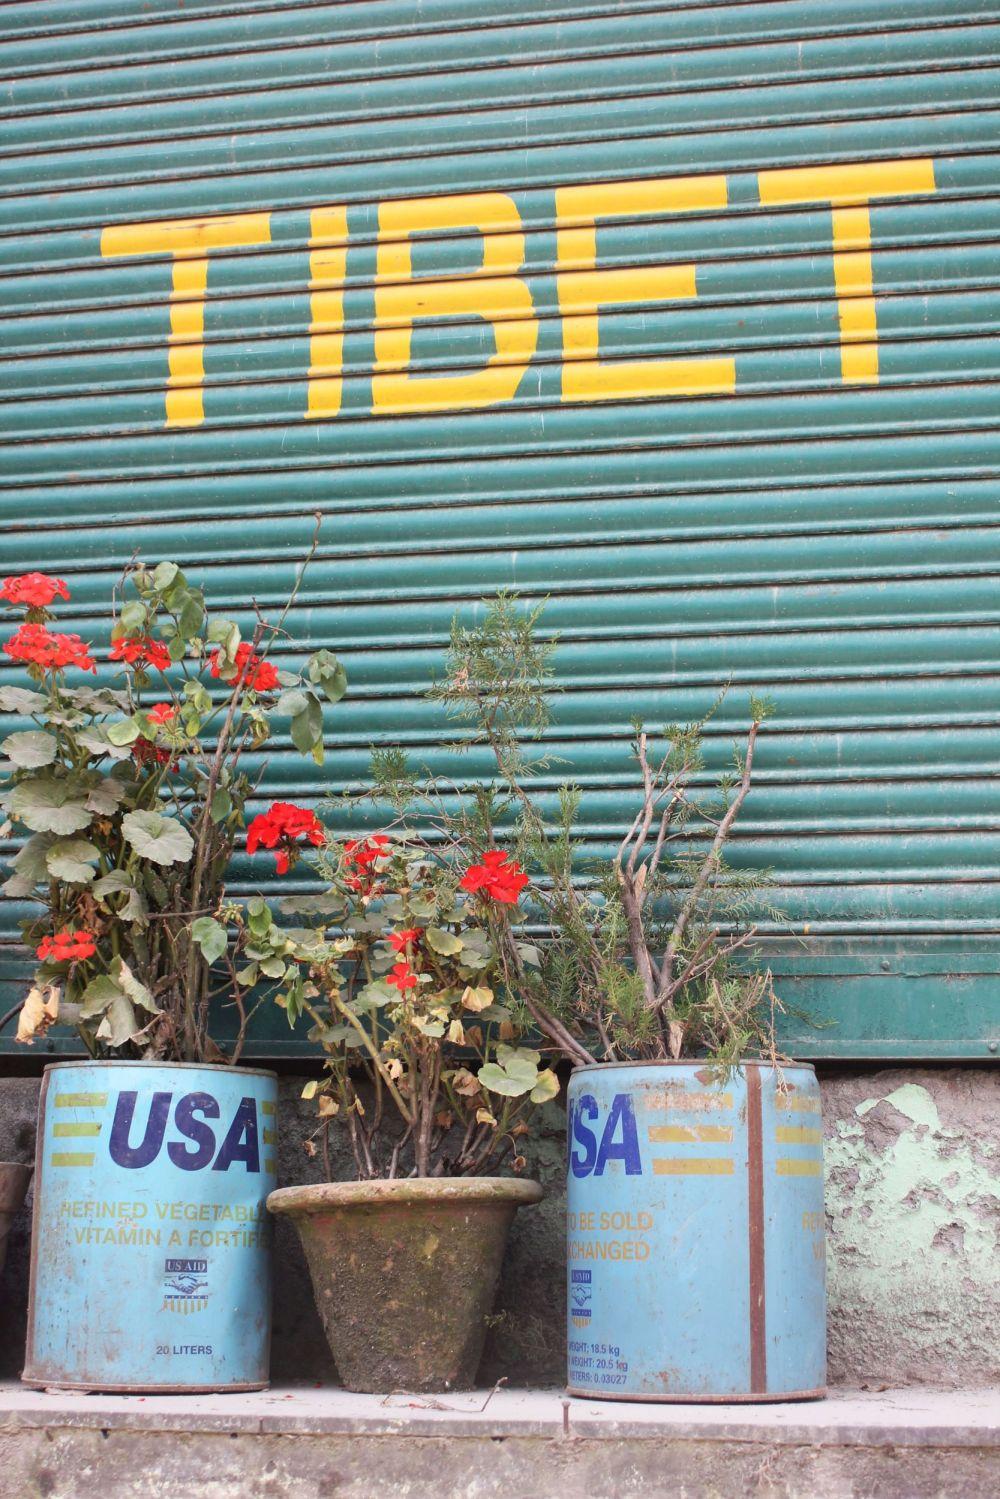 puszka_usa_tybet_kwiaty_guerilla_gardening